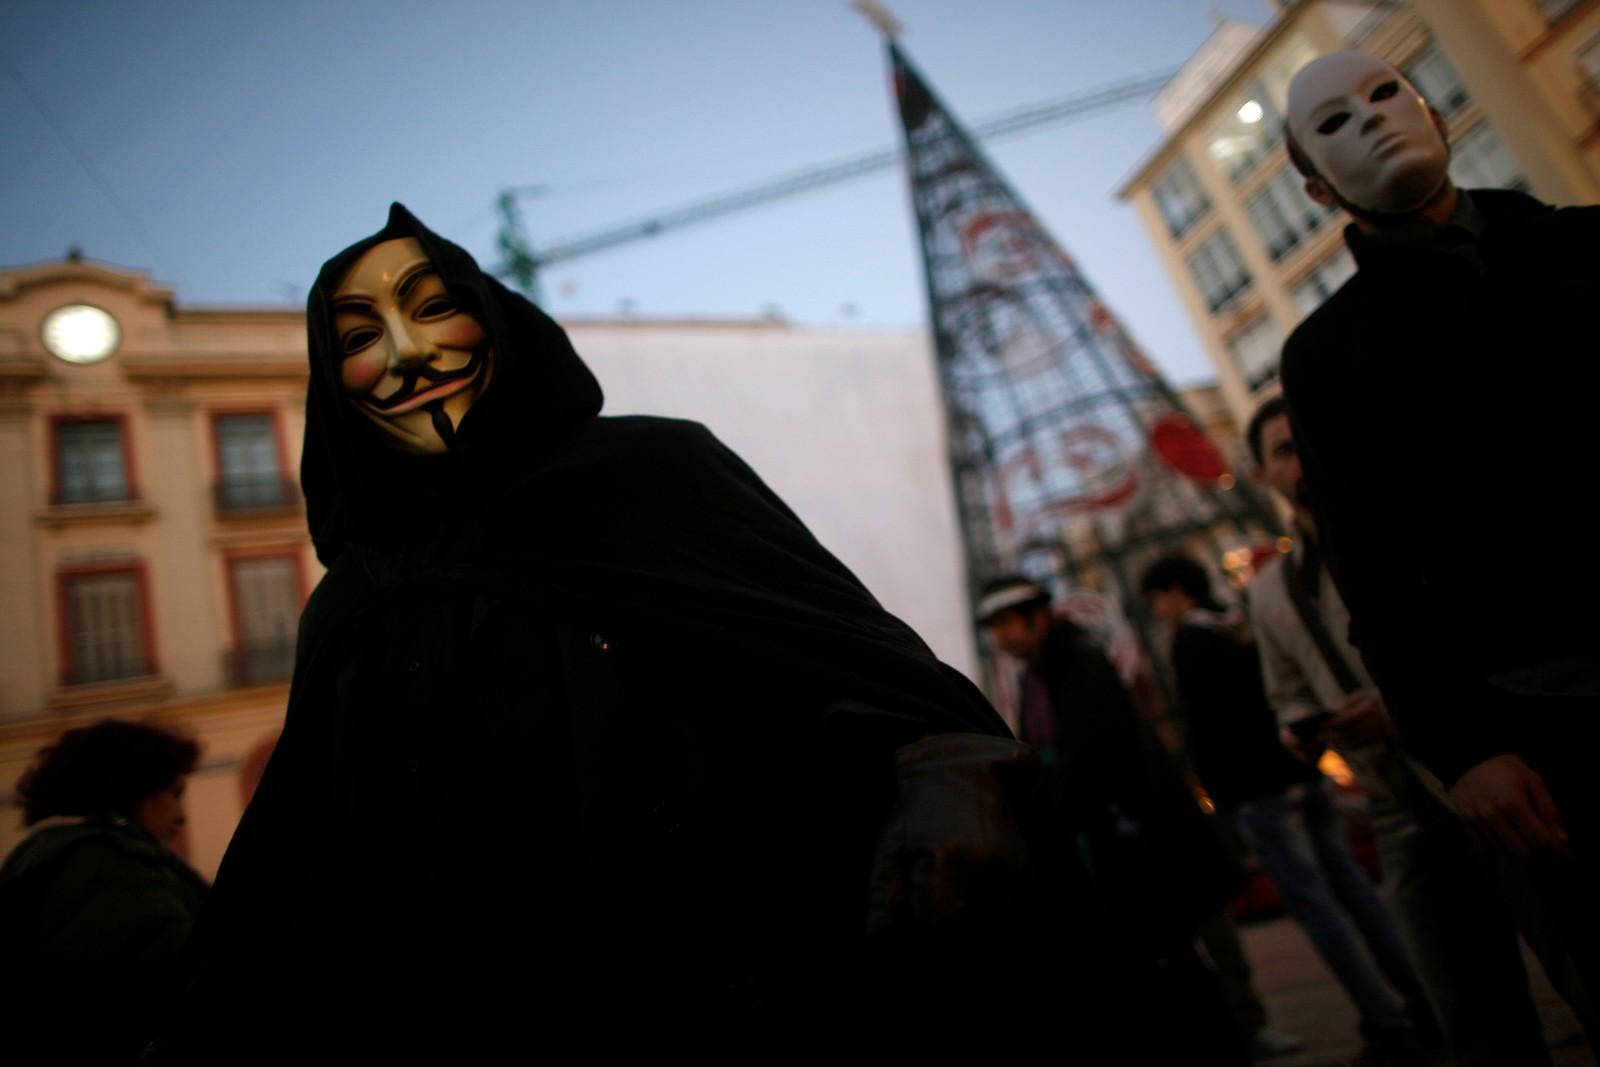 Aktivistene i Anonymous skal ha stått bak flere dataangrep, som i 2012 førte til at FBI satte i gang med en storaksjon mot gruppens medlemmer.